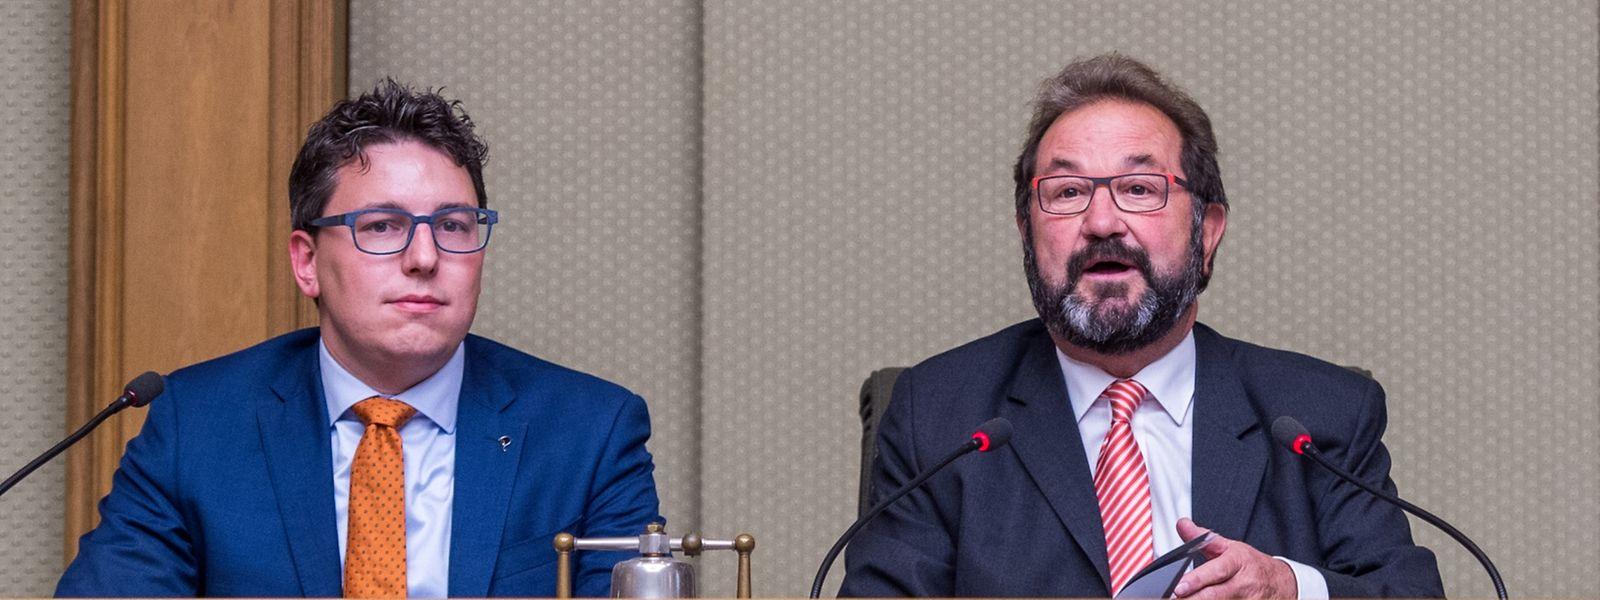 Sven Clément (Pirates) et Gast Gybérien (ADR)